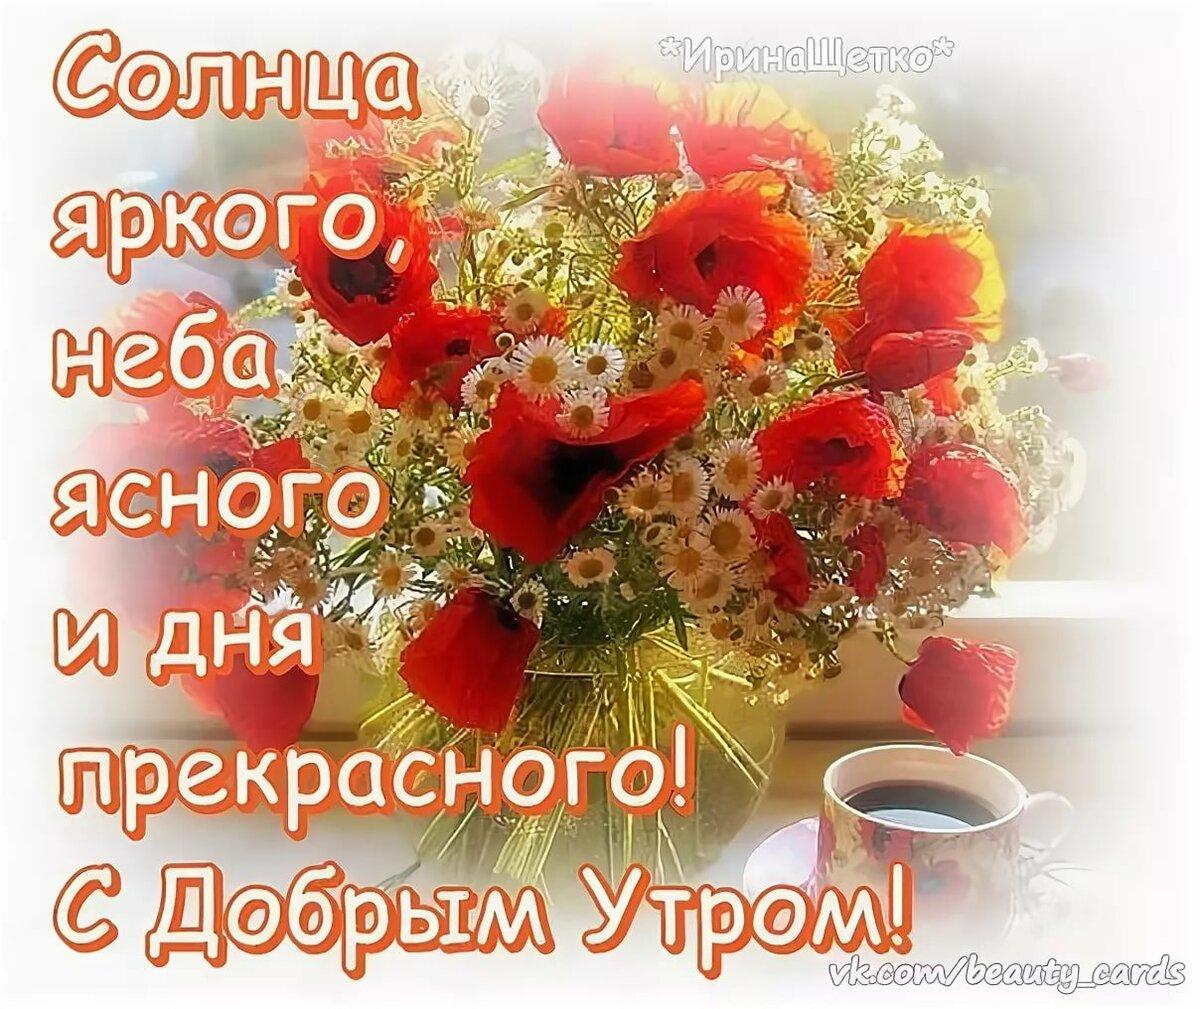 Картинки с добрым утром и прекрасного дня любимой